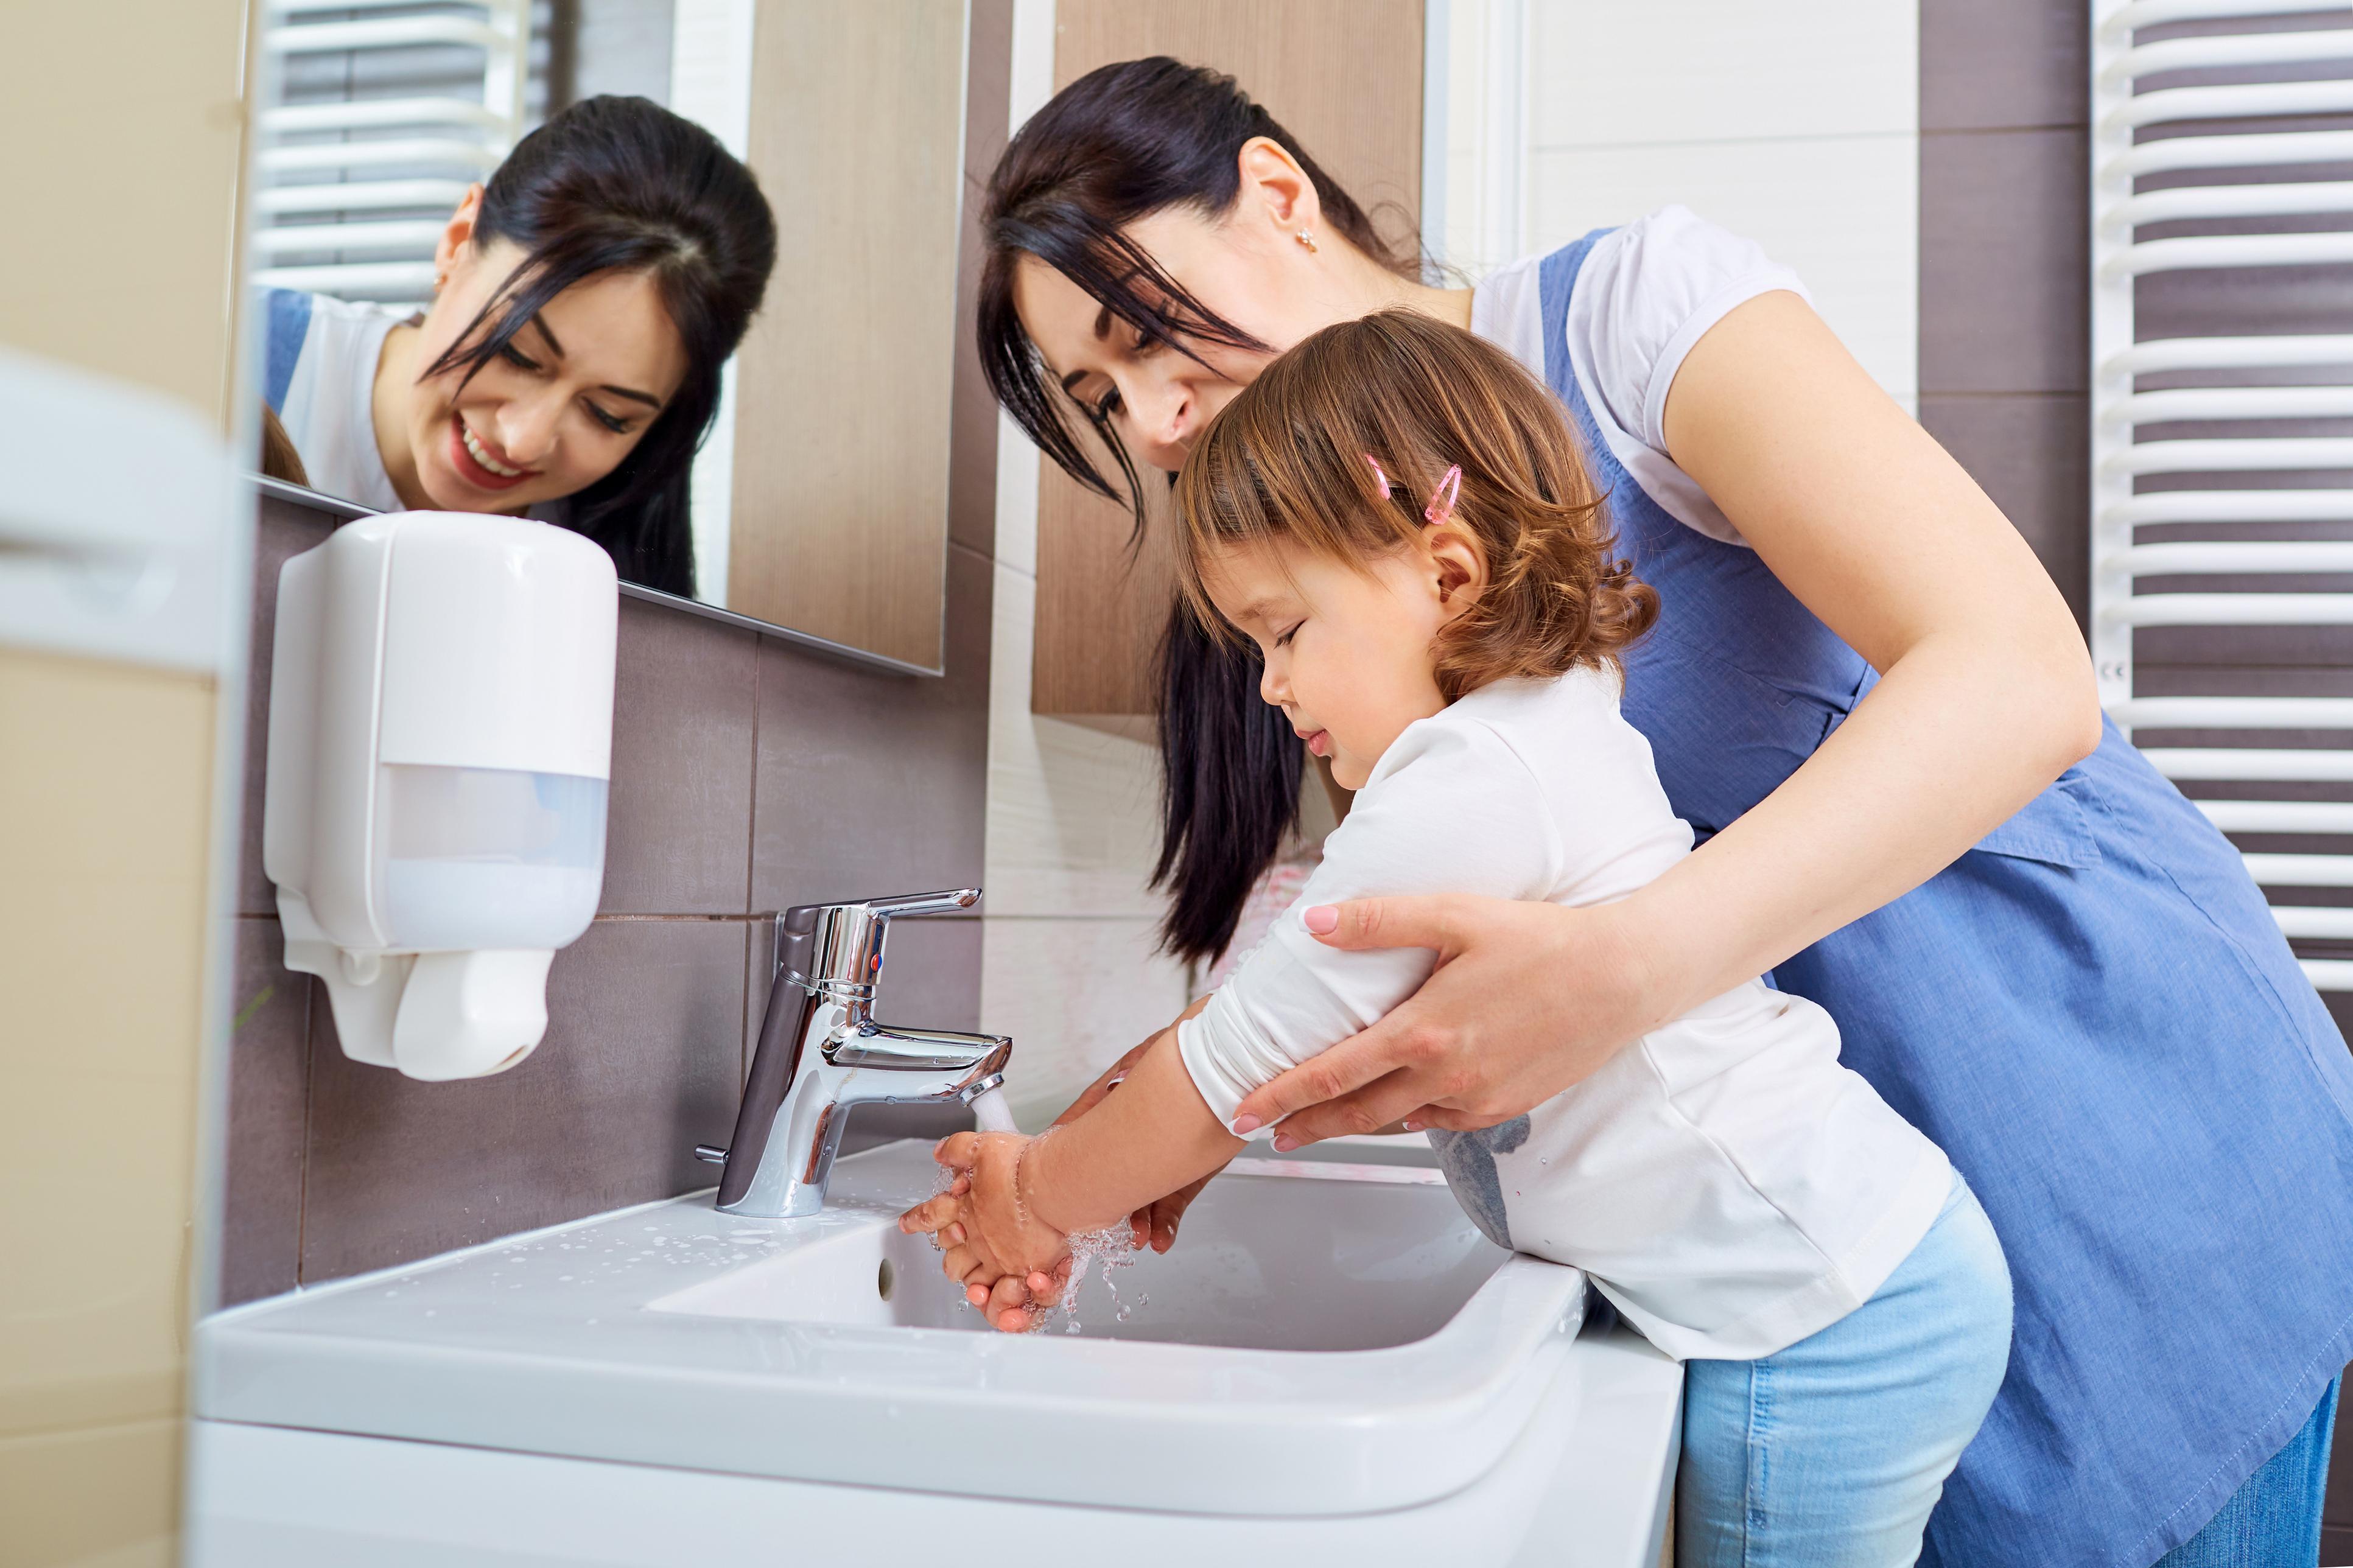 Що краще для дітей: антисептик або вода з милом